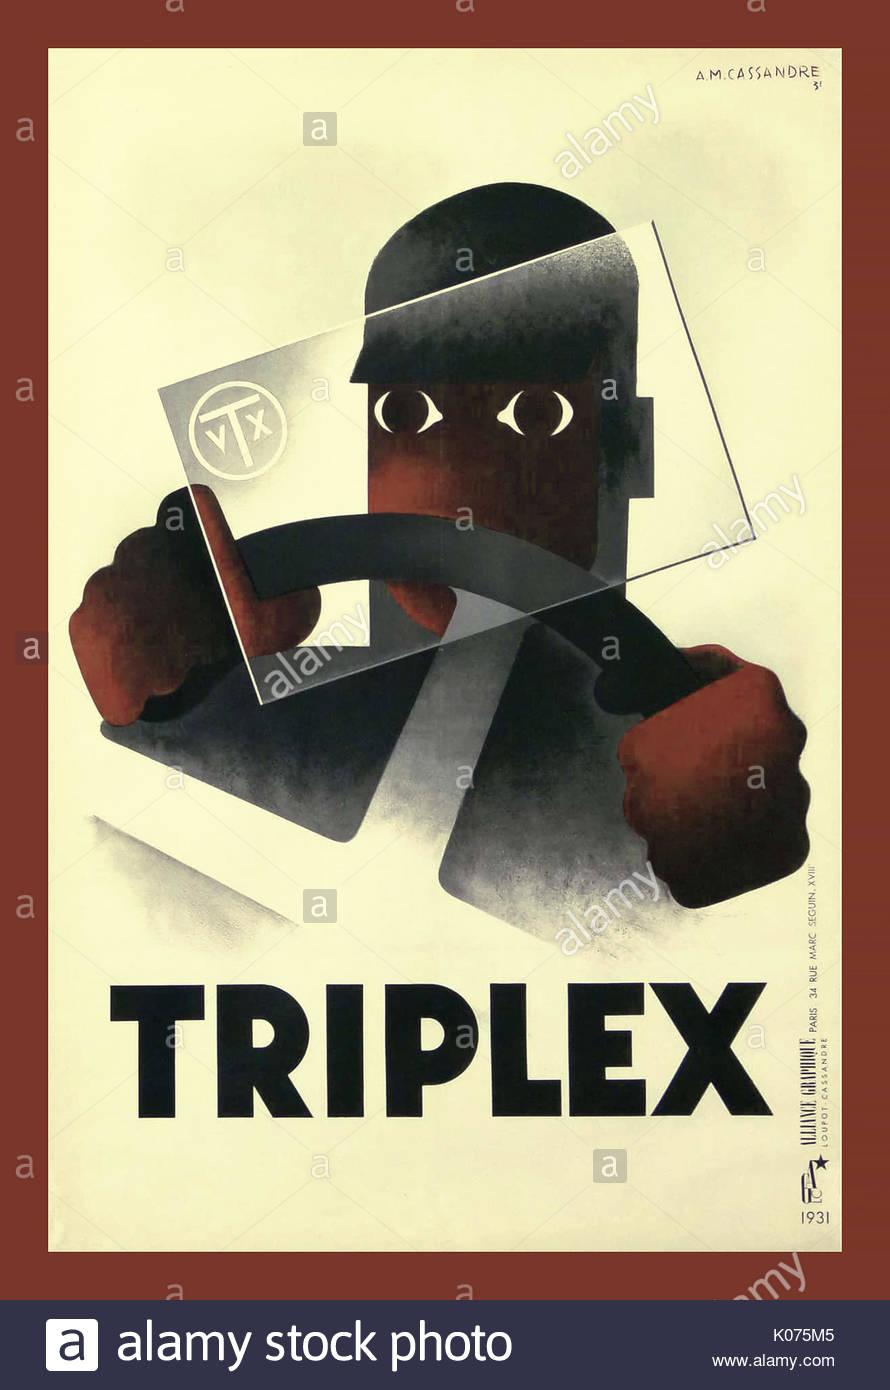 Retro Vintage Années 1930 design graphique poster par Cassandre affiche publicitaire français pare-brise en verre triplex. Photo Stock